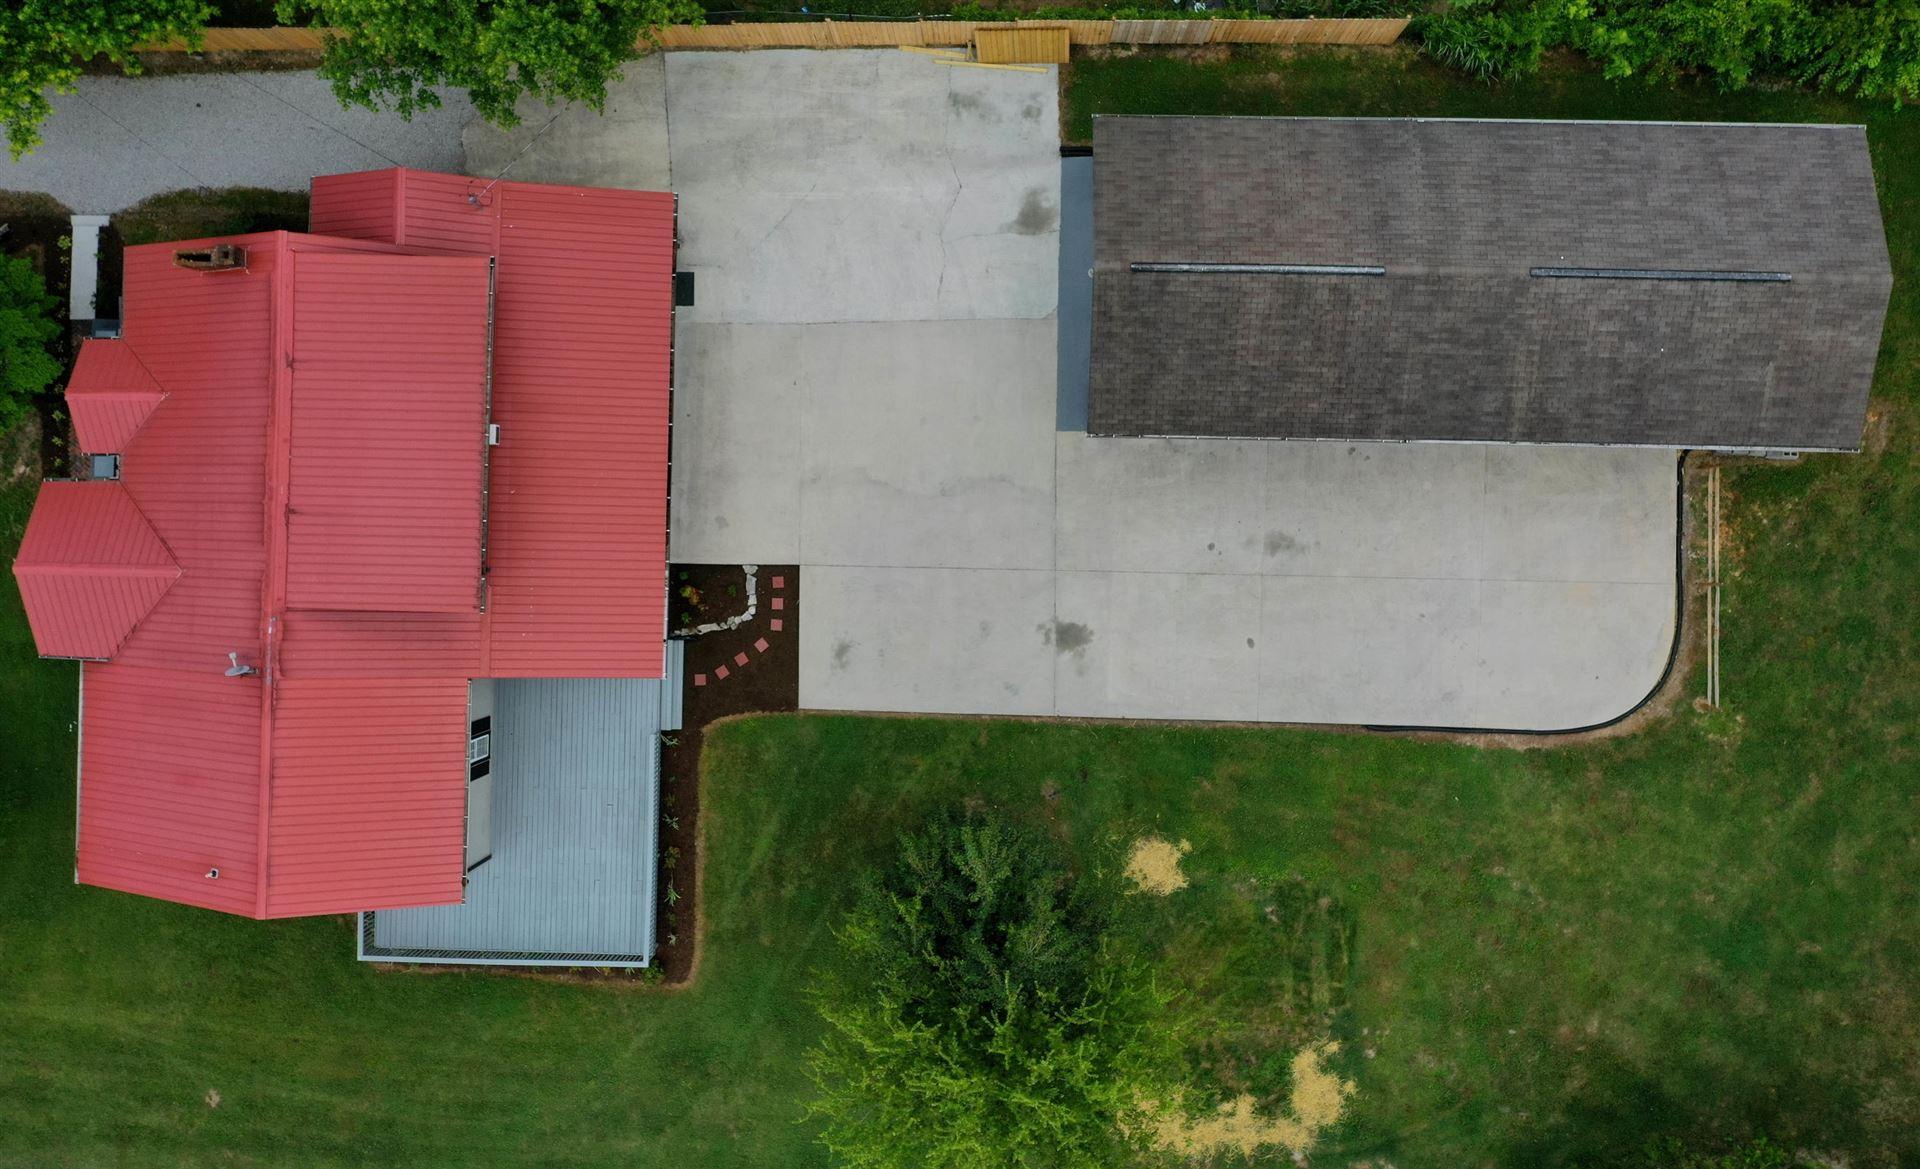 Photo of 800 Hendrickson St, Clinton, TN 37716 (MLS # 1120716)